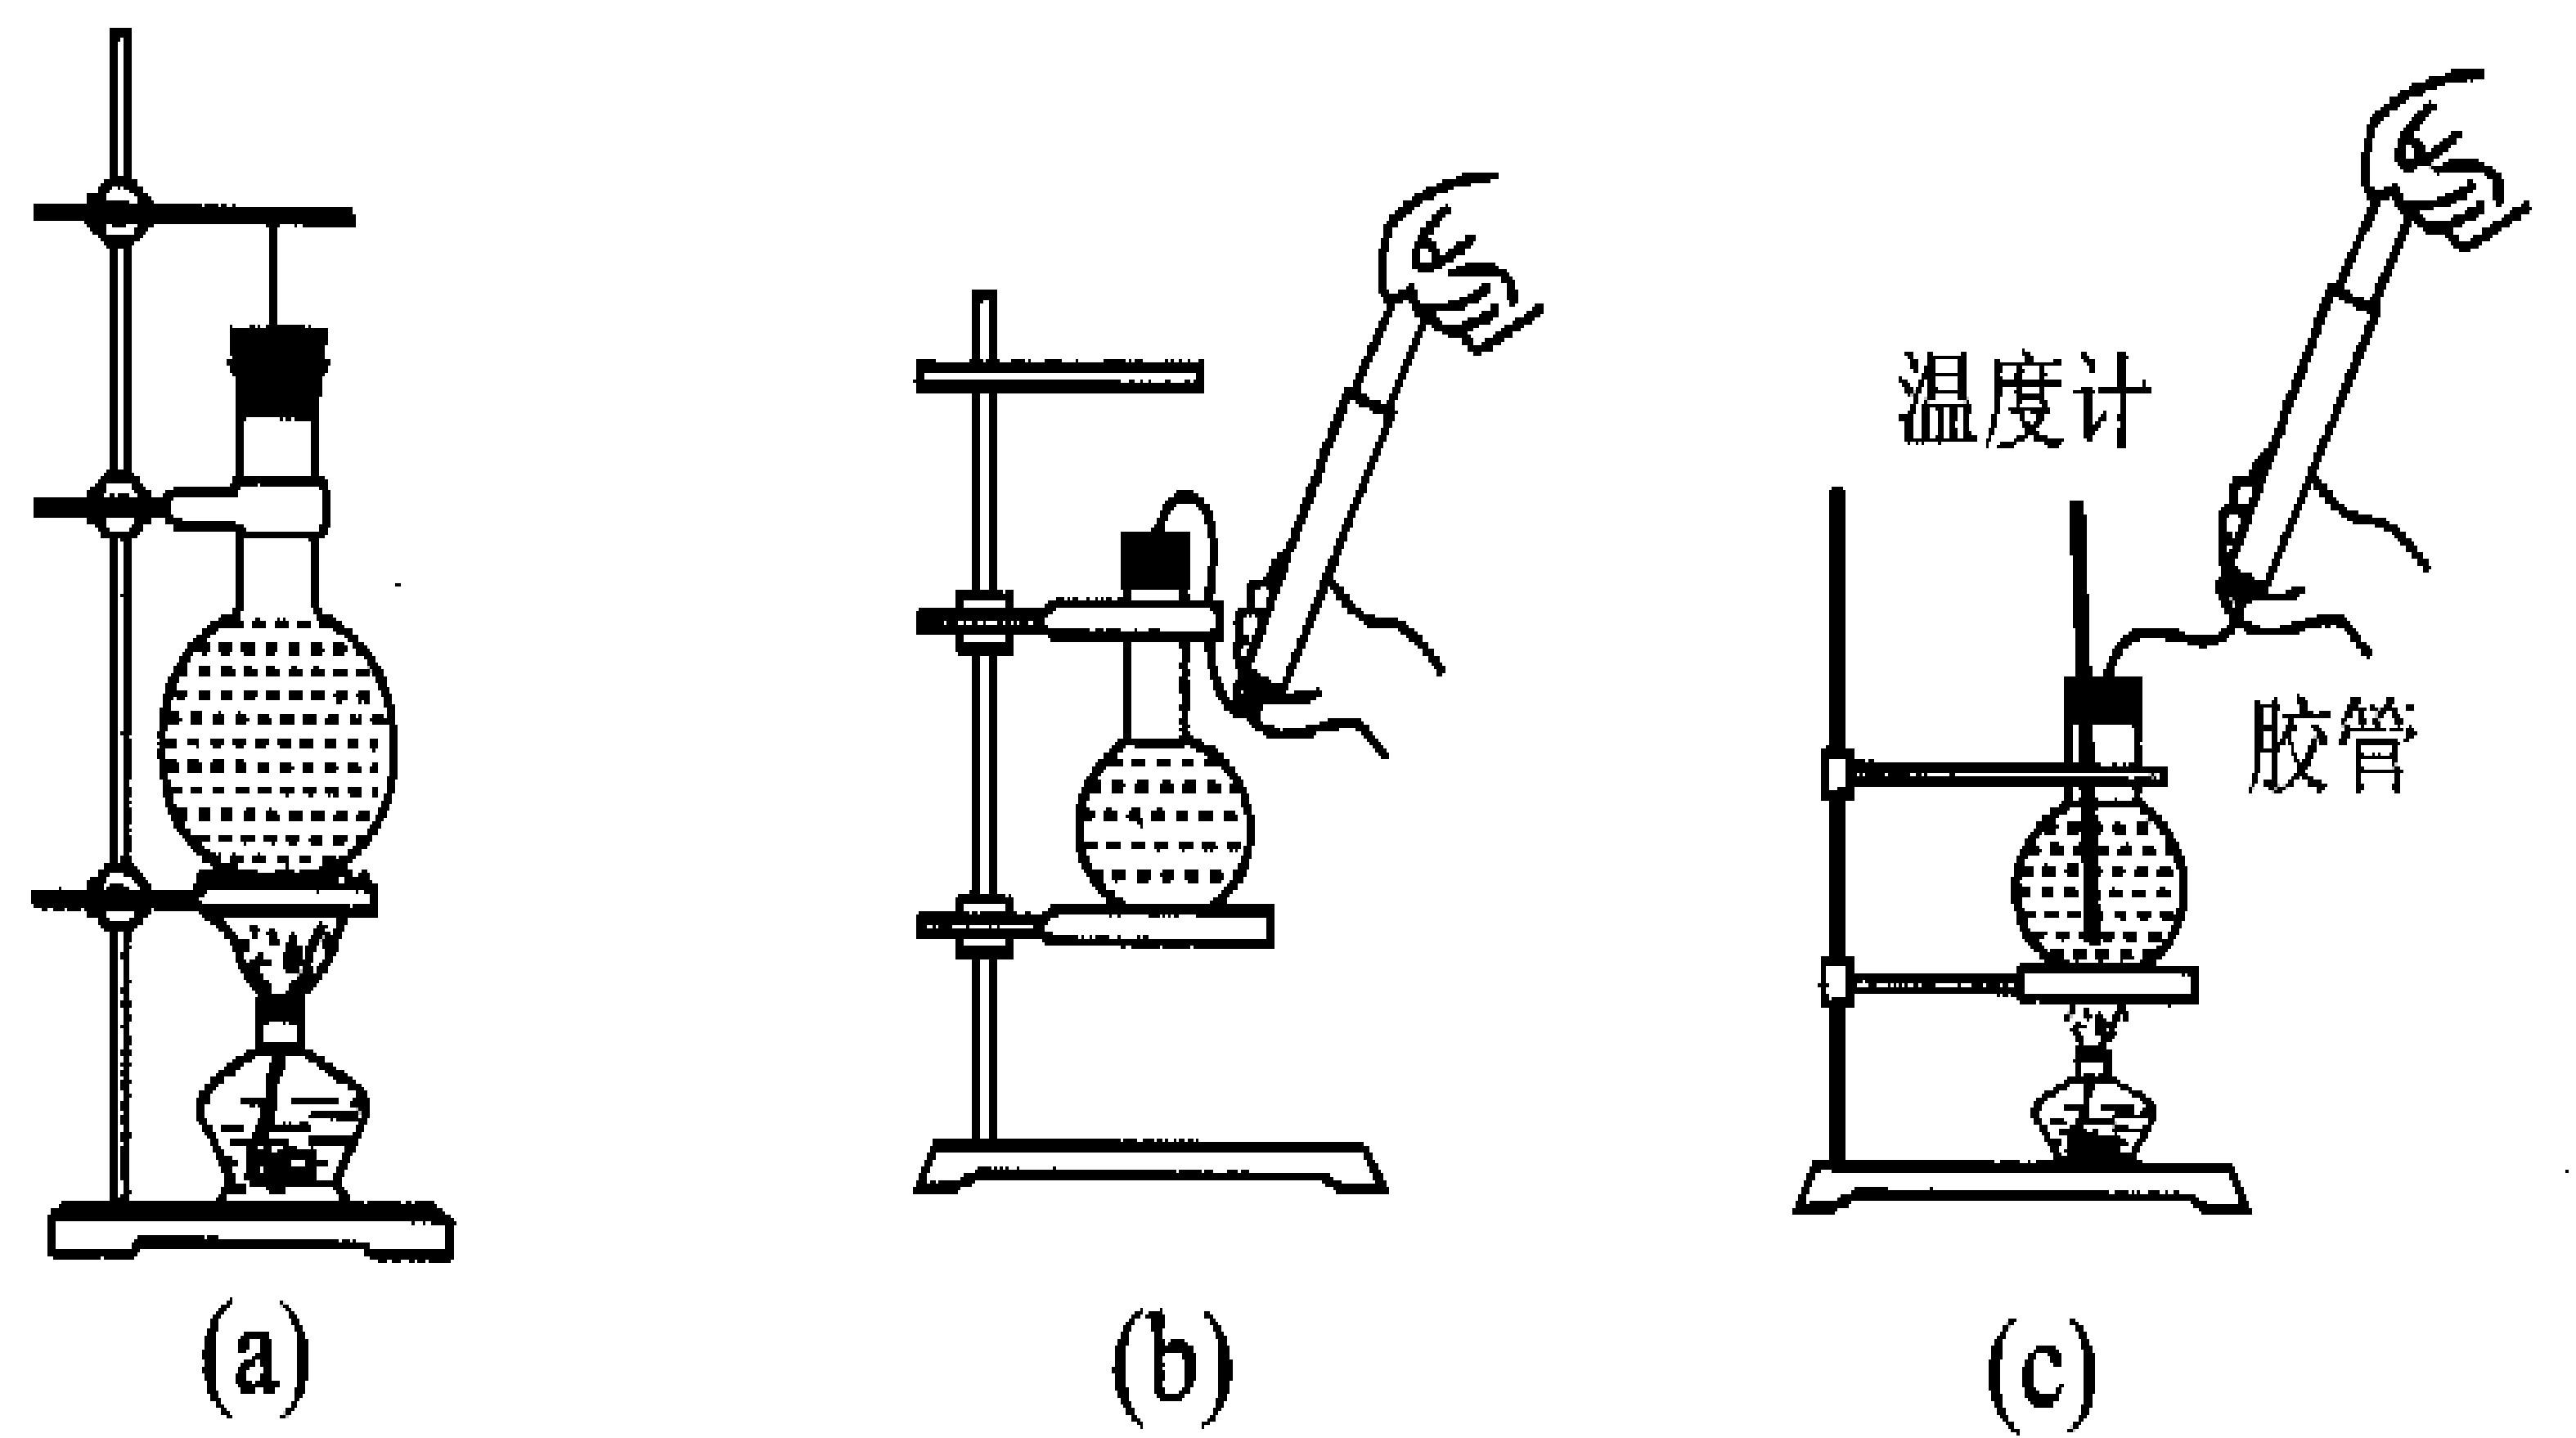 2.小明想用实验探究铁芯的粗细对电磁铁强弱的影响,请你帮他设计。在下面写出探究过程。 研究课题:                                      猜想或假设:                                   设计实验并进行实验:                              器材和装置:                                 步骤:                                    实验记录表格: